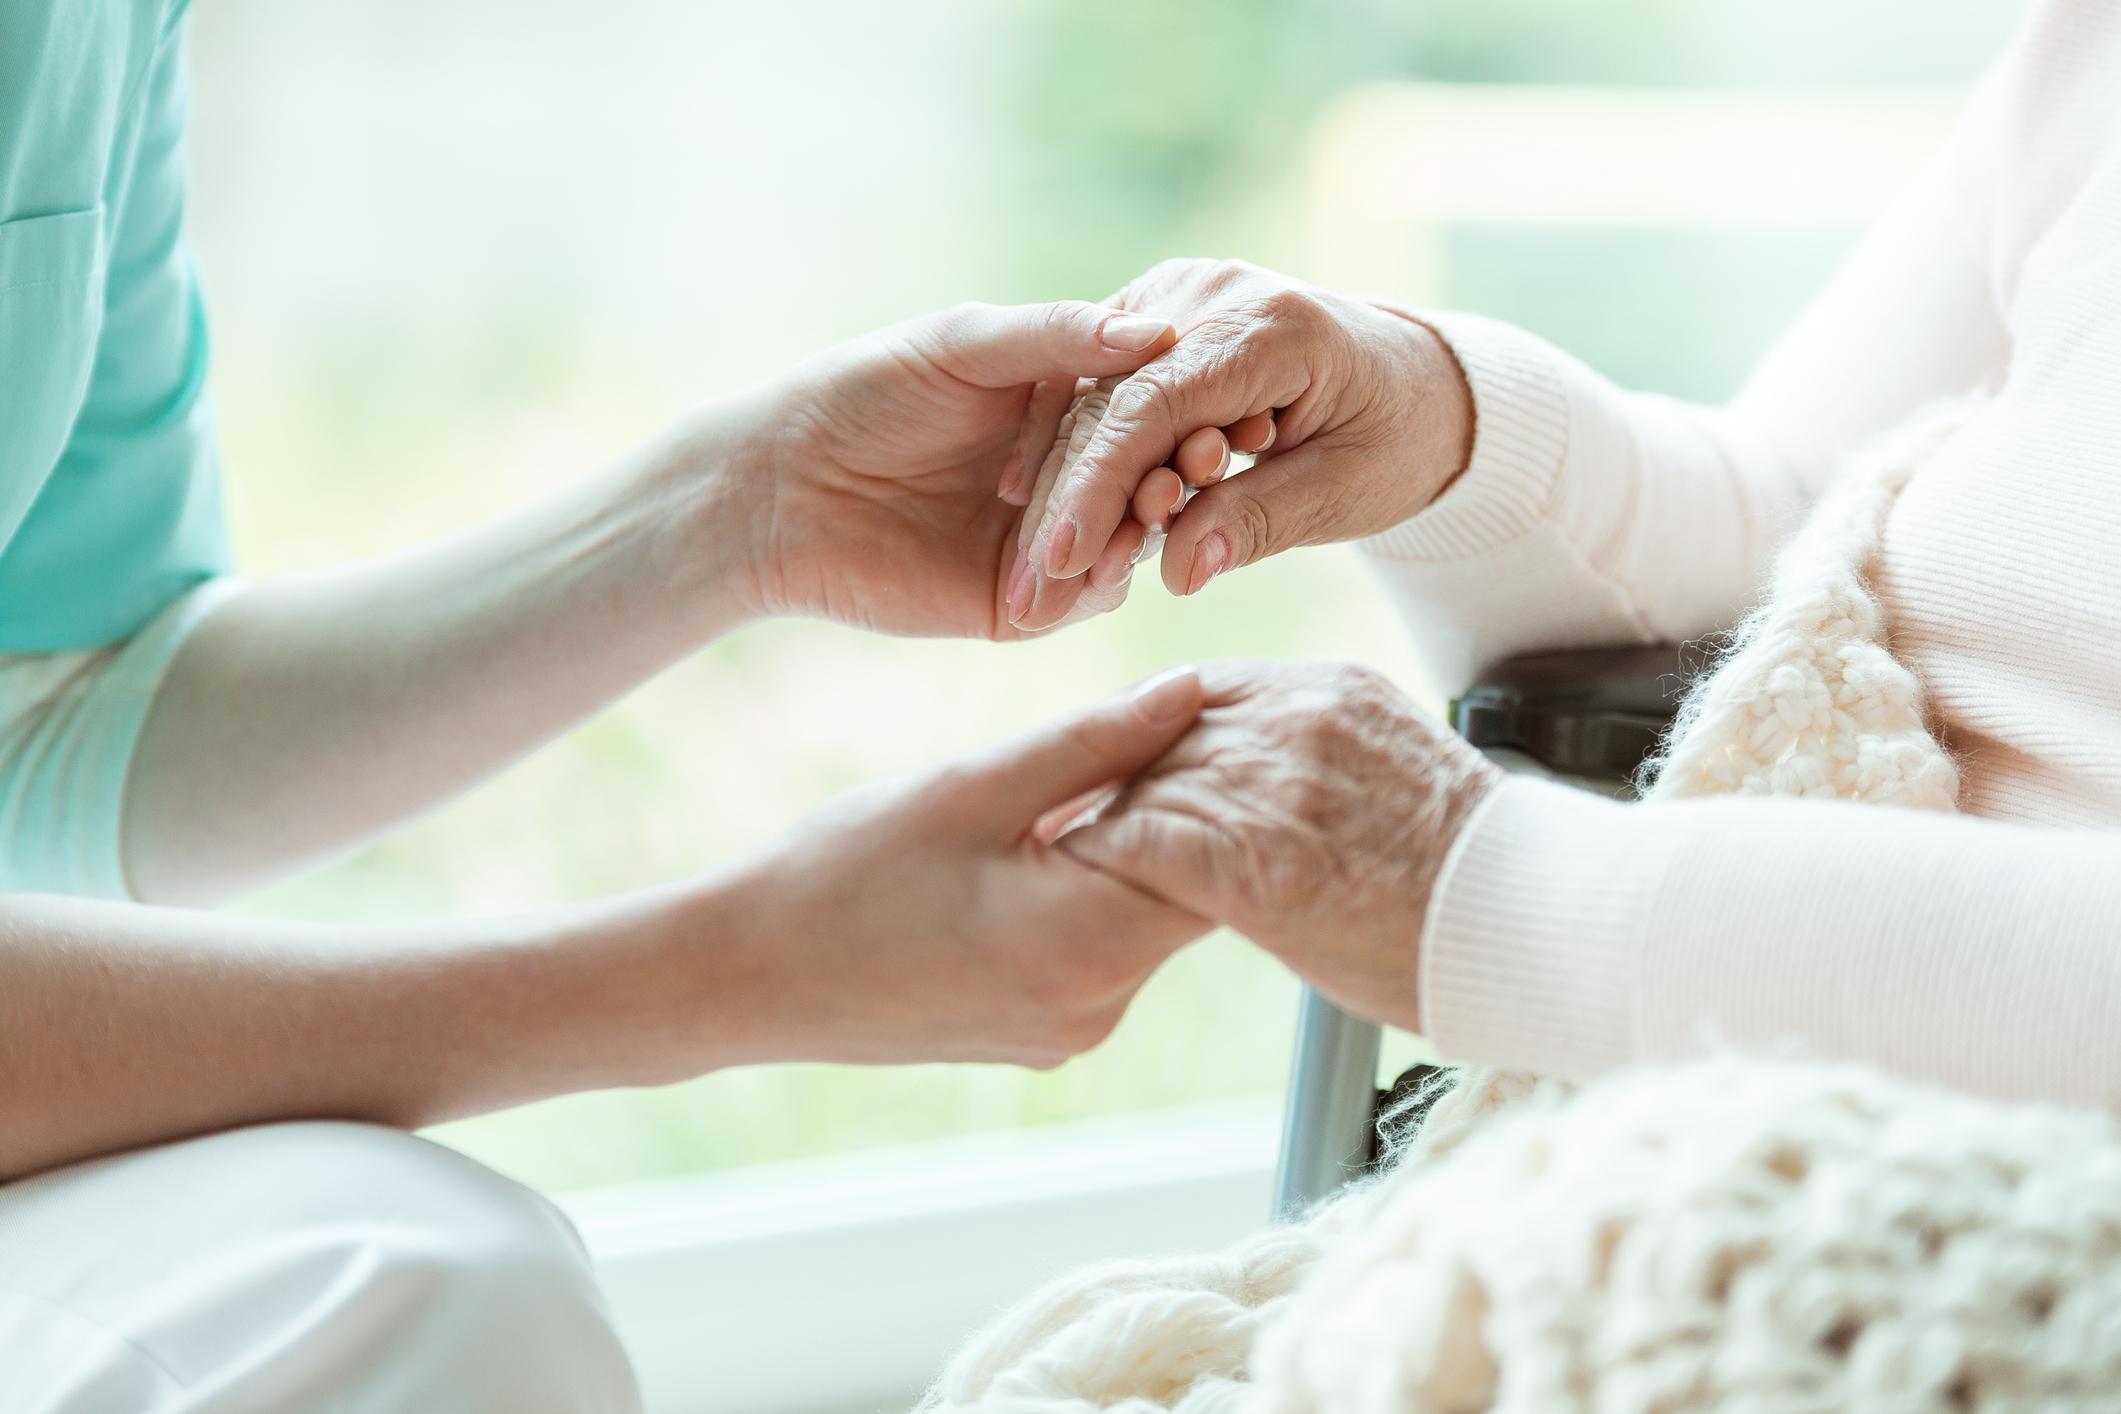 No mundo, 1% da população acima de 60 anos padece de Parkinson, que é progressiva, neurodegenerativa e afeta várias partes do corpo.